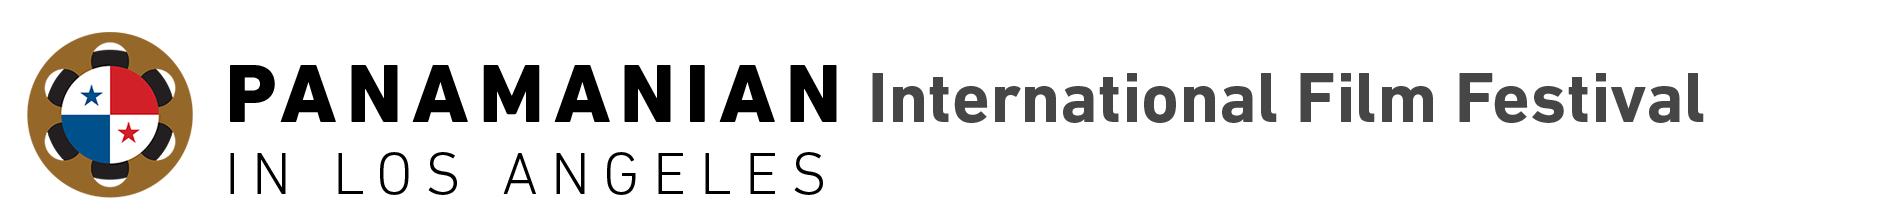 Panamanian International Film Festival/LA – Un pedacito de Panamá en